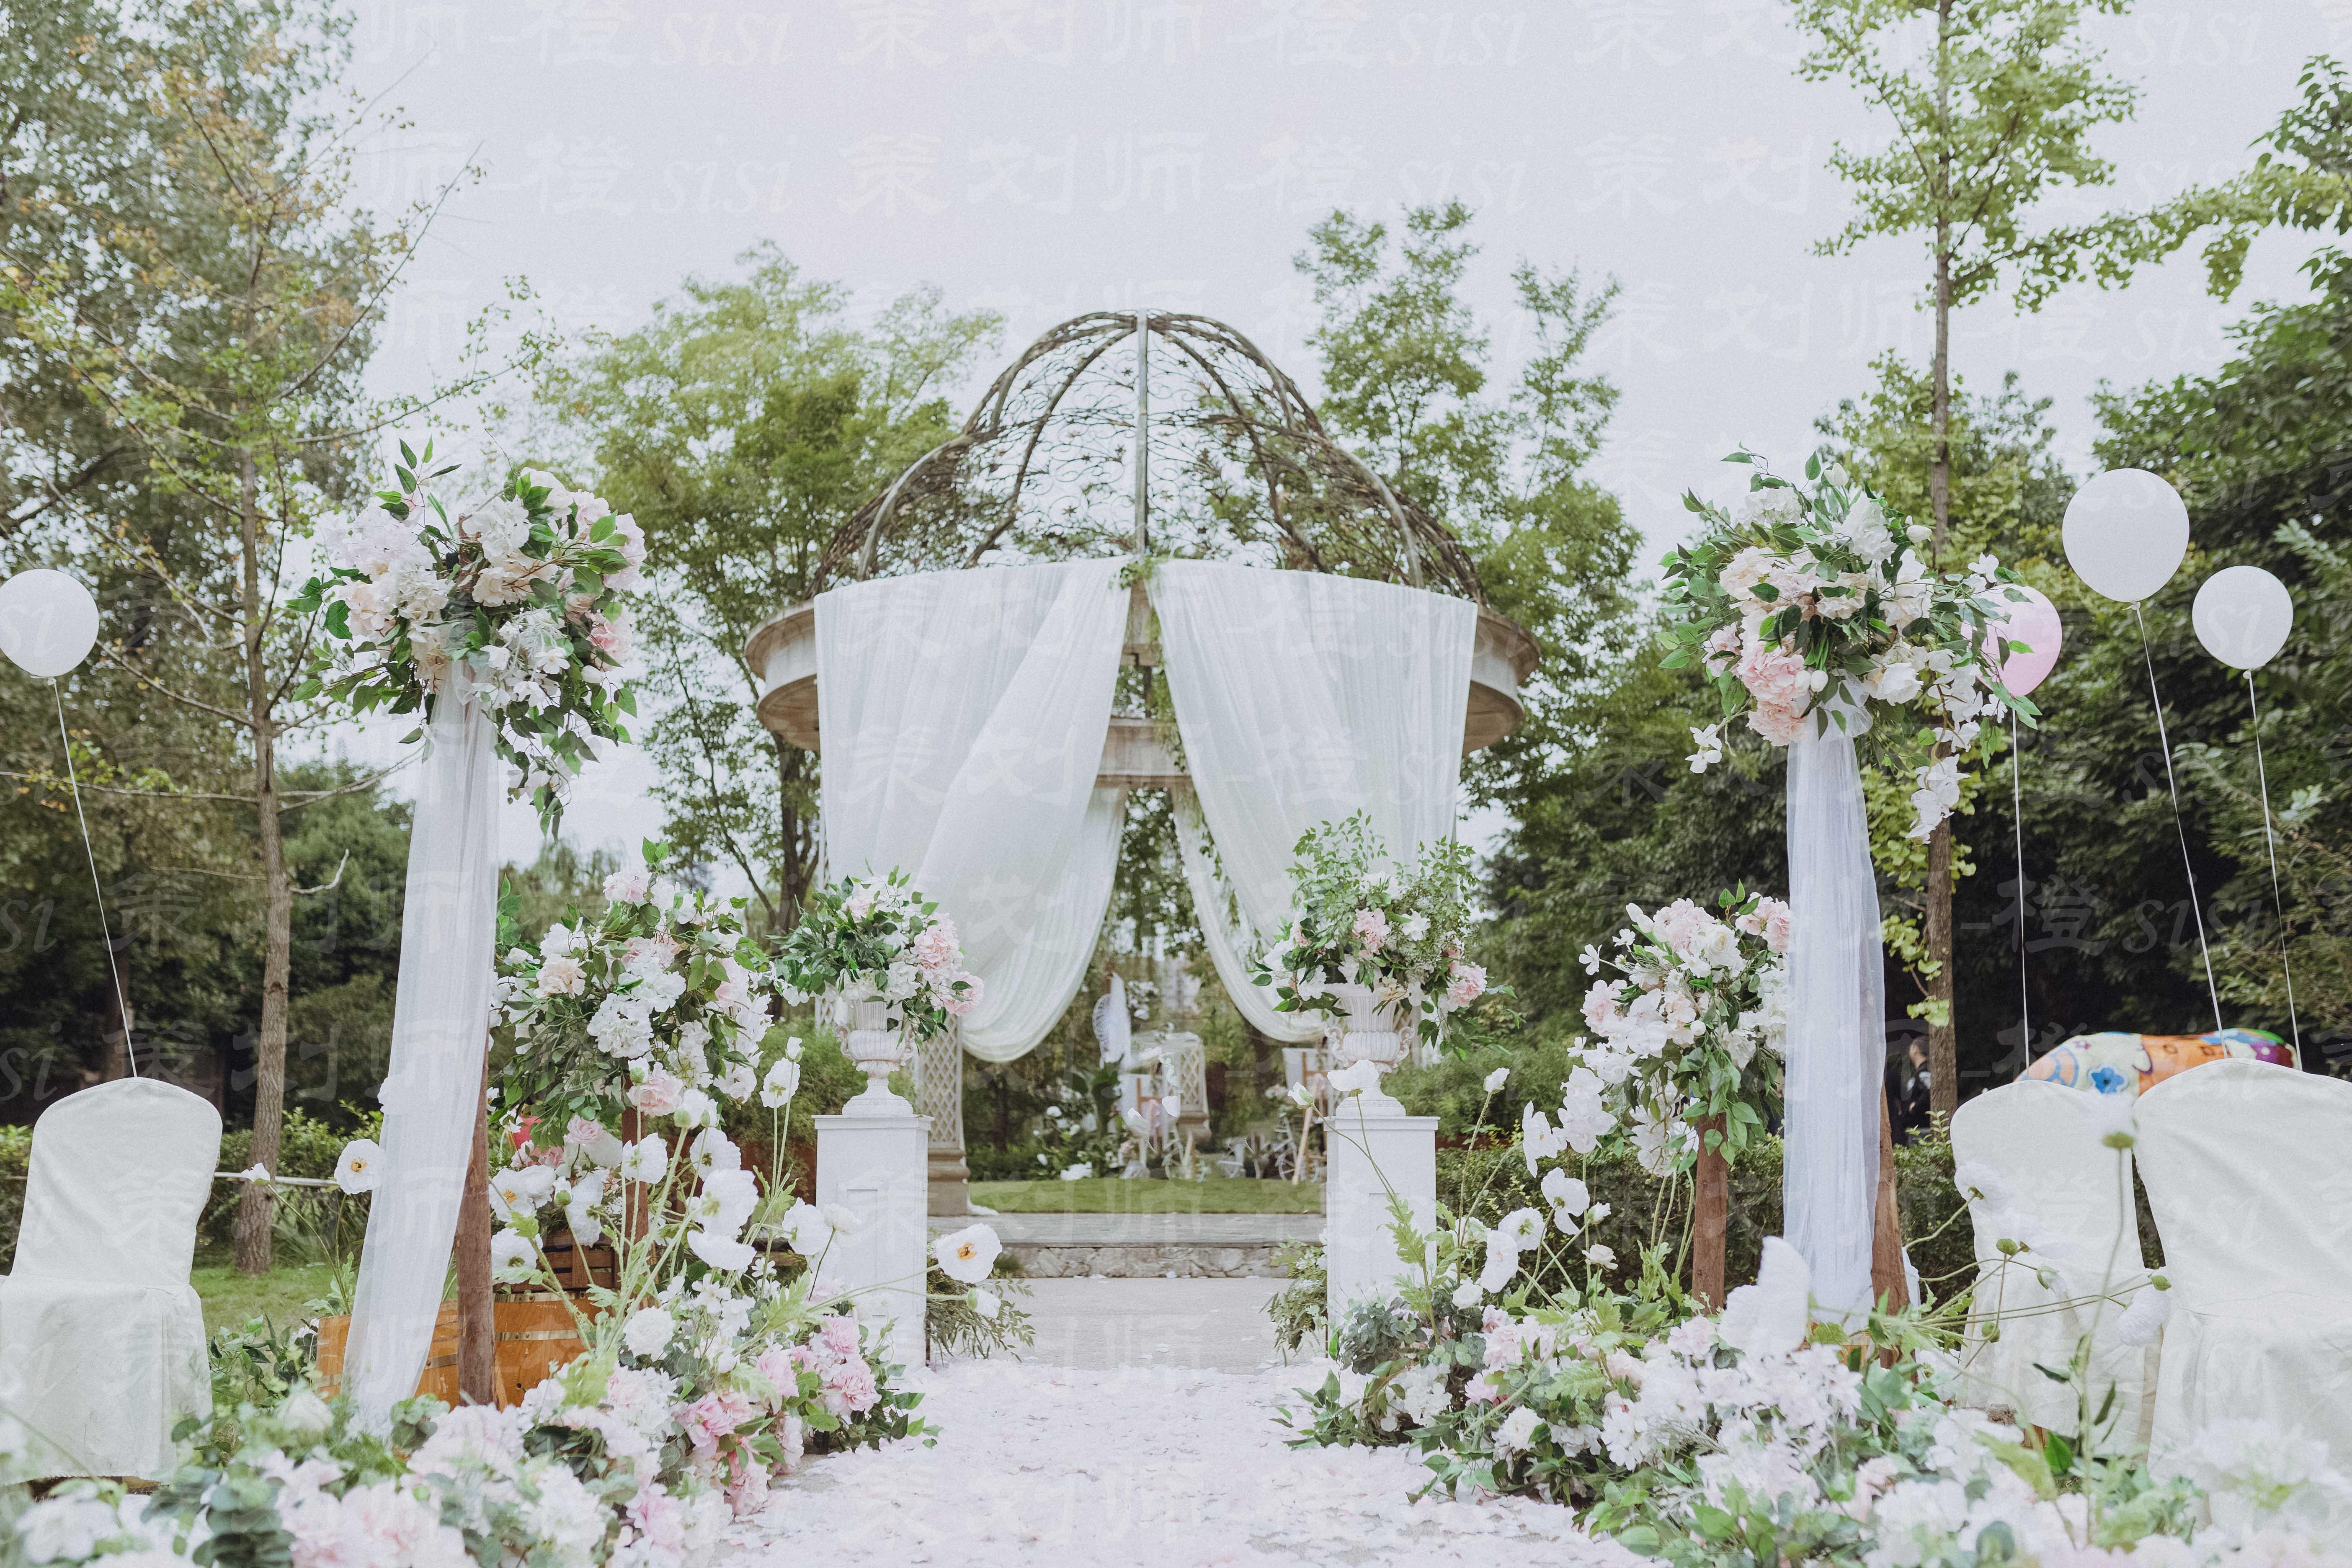 那个长发姑娘婚礼图片